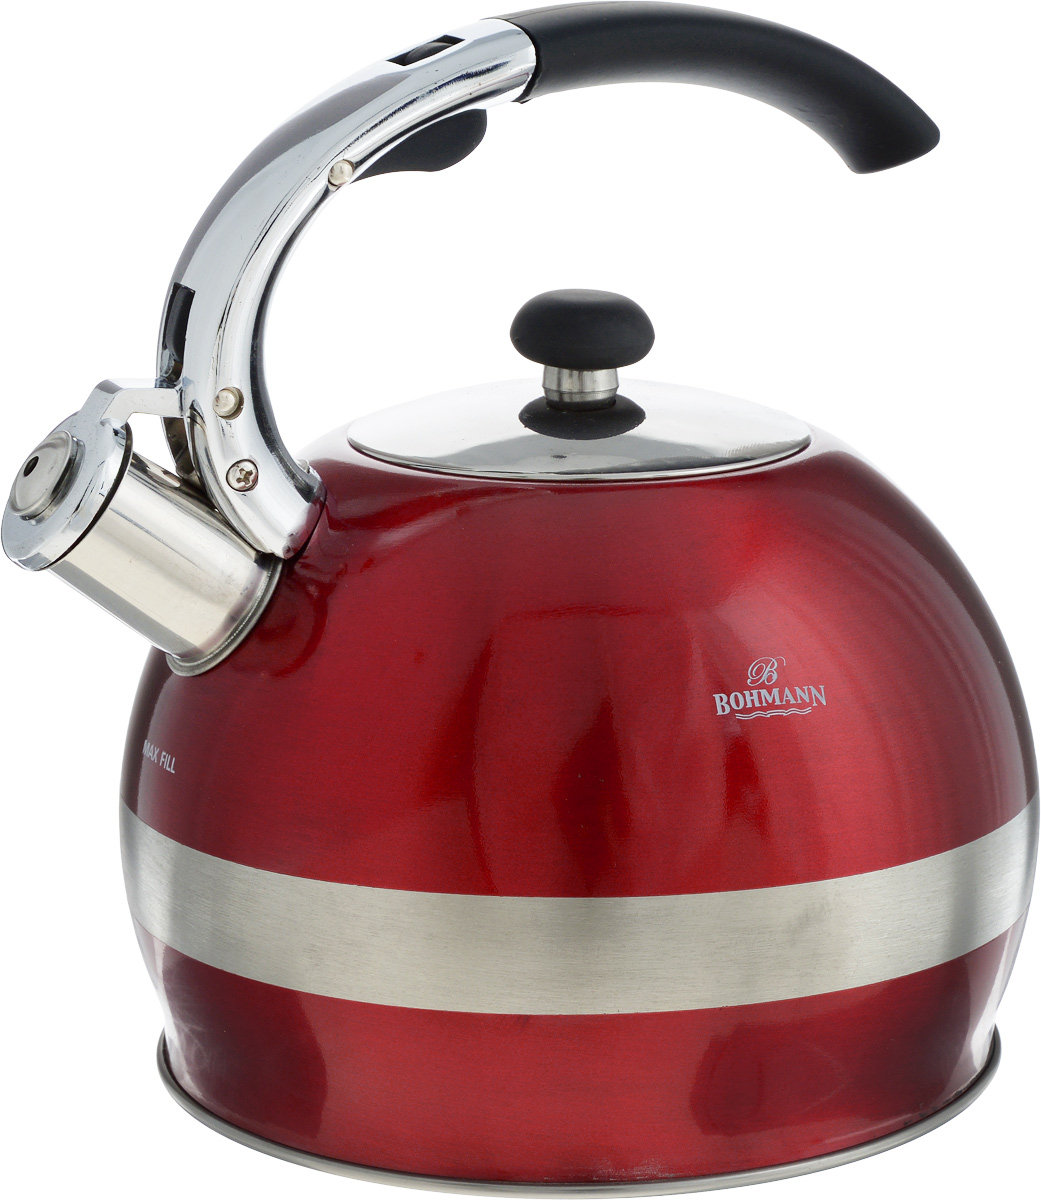 Чайник Bohmann, со свистком, 2,7 л. BH-9995VT-1520(SR)Чайник Bohmann изготовлен из нержавеющей стали с матовой и зеркальной полировкой. Высококачественная сталь представляет собой материал, из которого в течение нескольких десятилетий во всем мире производятся столовые приборы, кухонные инструменты и различные аксессуары. Этот материал обладает высокой стойкостью к коррозии и кислотам. Прочность, долговечность и надежность этого материала, а также первоклассная обработка обеспечивают практически неограниченный запас прочности и неизменно привлекательный внешний вид. Чайник оснащен фиксированной удобной ручкой из бакелита черного цвета. Ручка не нагревается, что предотвращает появление ожогов и обеспечивает безопасность использования. Носик чайника имеет откидной свисток для определения кипения. Можно использовать на всех типах плит, включая индукционные. Можно мыть в посудомоечной машине. Диаметр (по верхнему краю): 9,5 см.Высота чайника (без учета ручки): 14,5 см.Высота чайника (с учетом ручки): 23 см.Диаметр основания: 13 см.